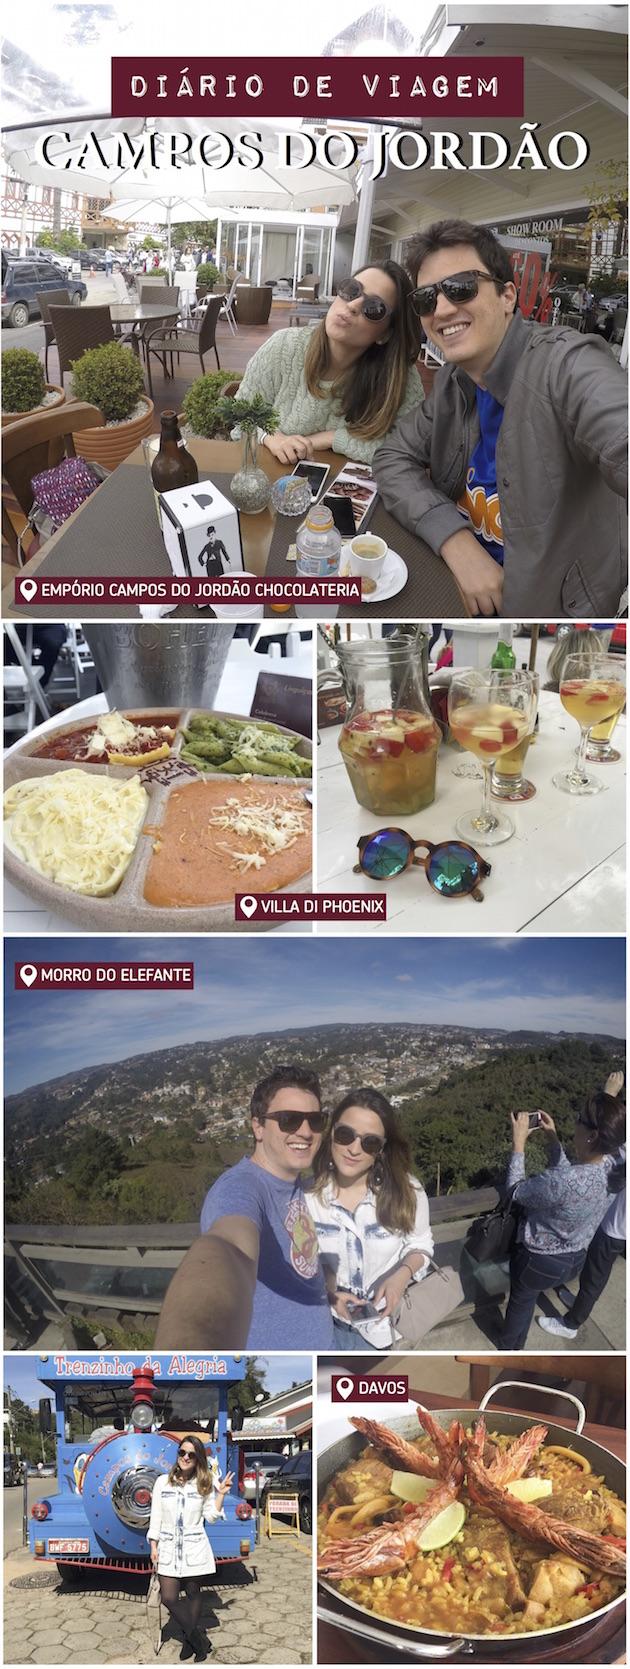 diario-de-viagem-campos-do-jordao-dicas-restaurantes-passeios